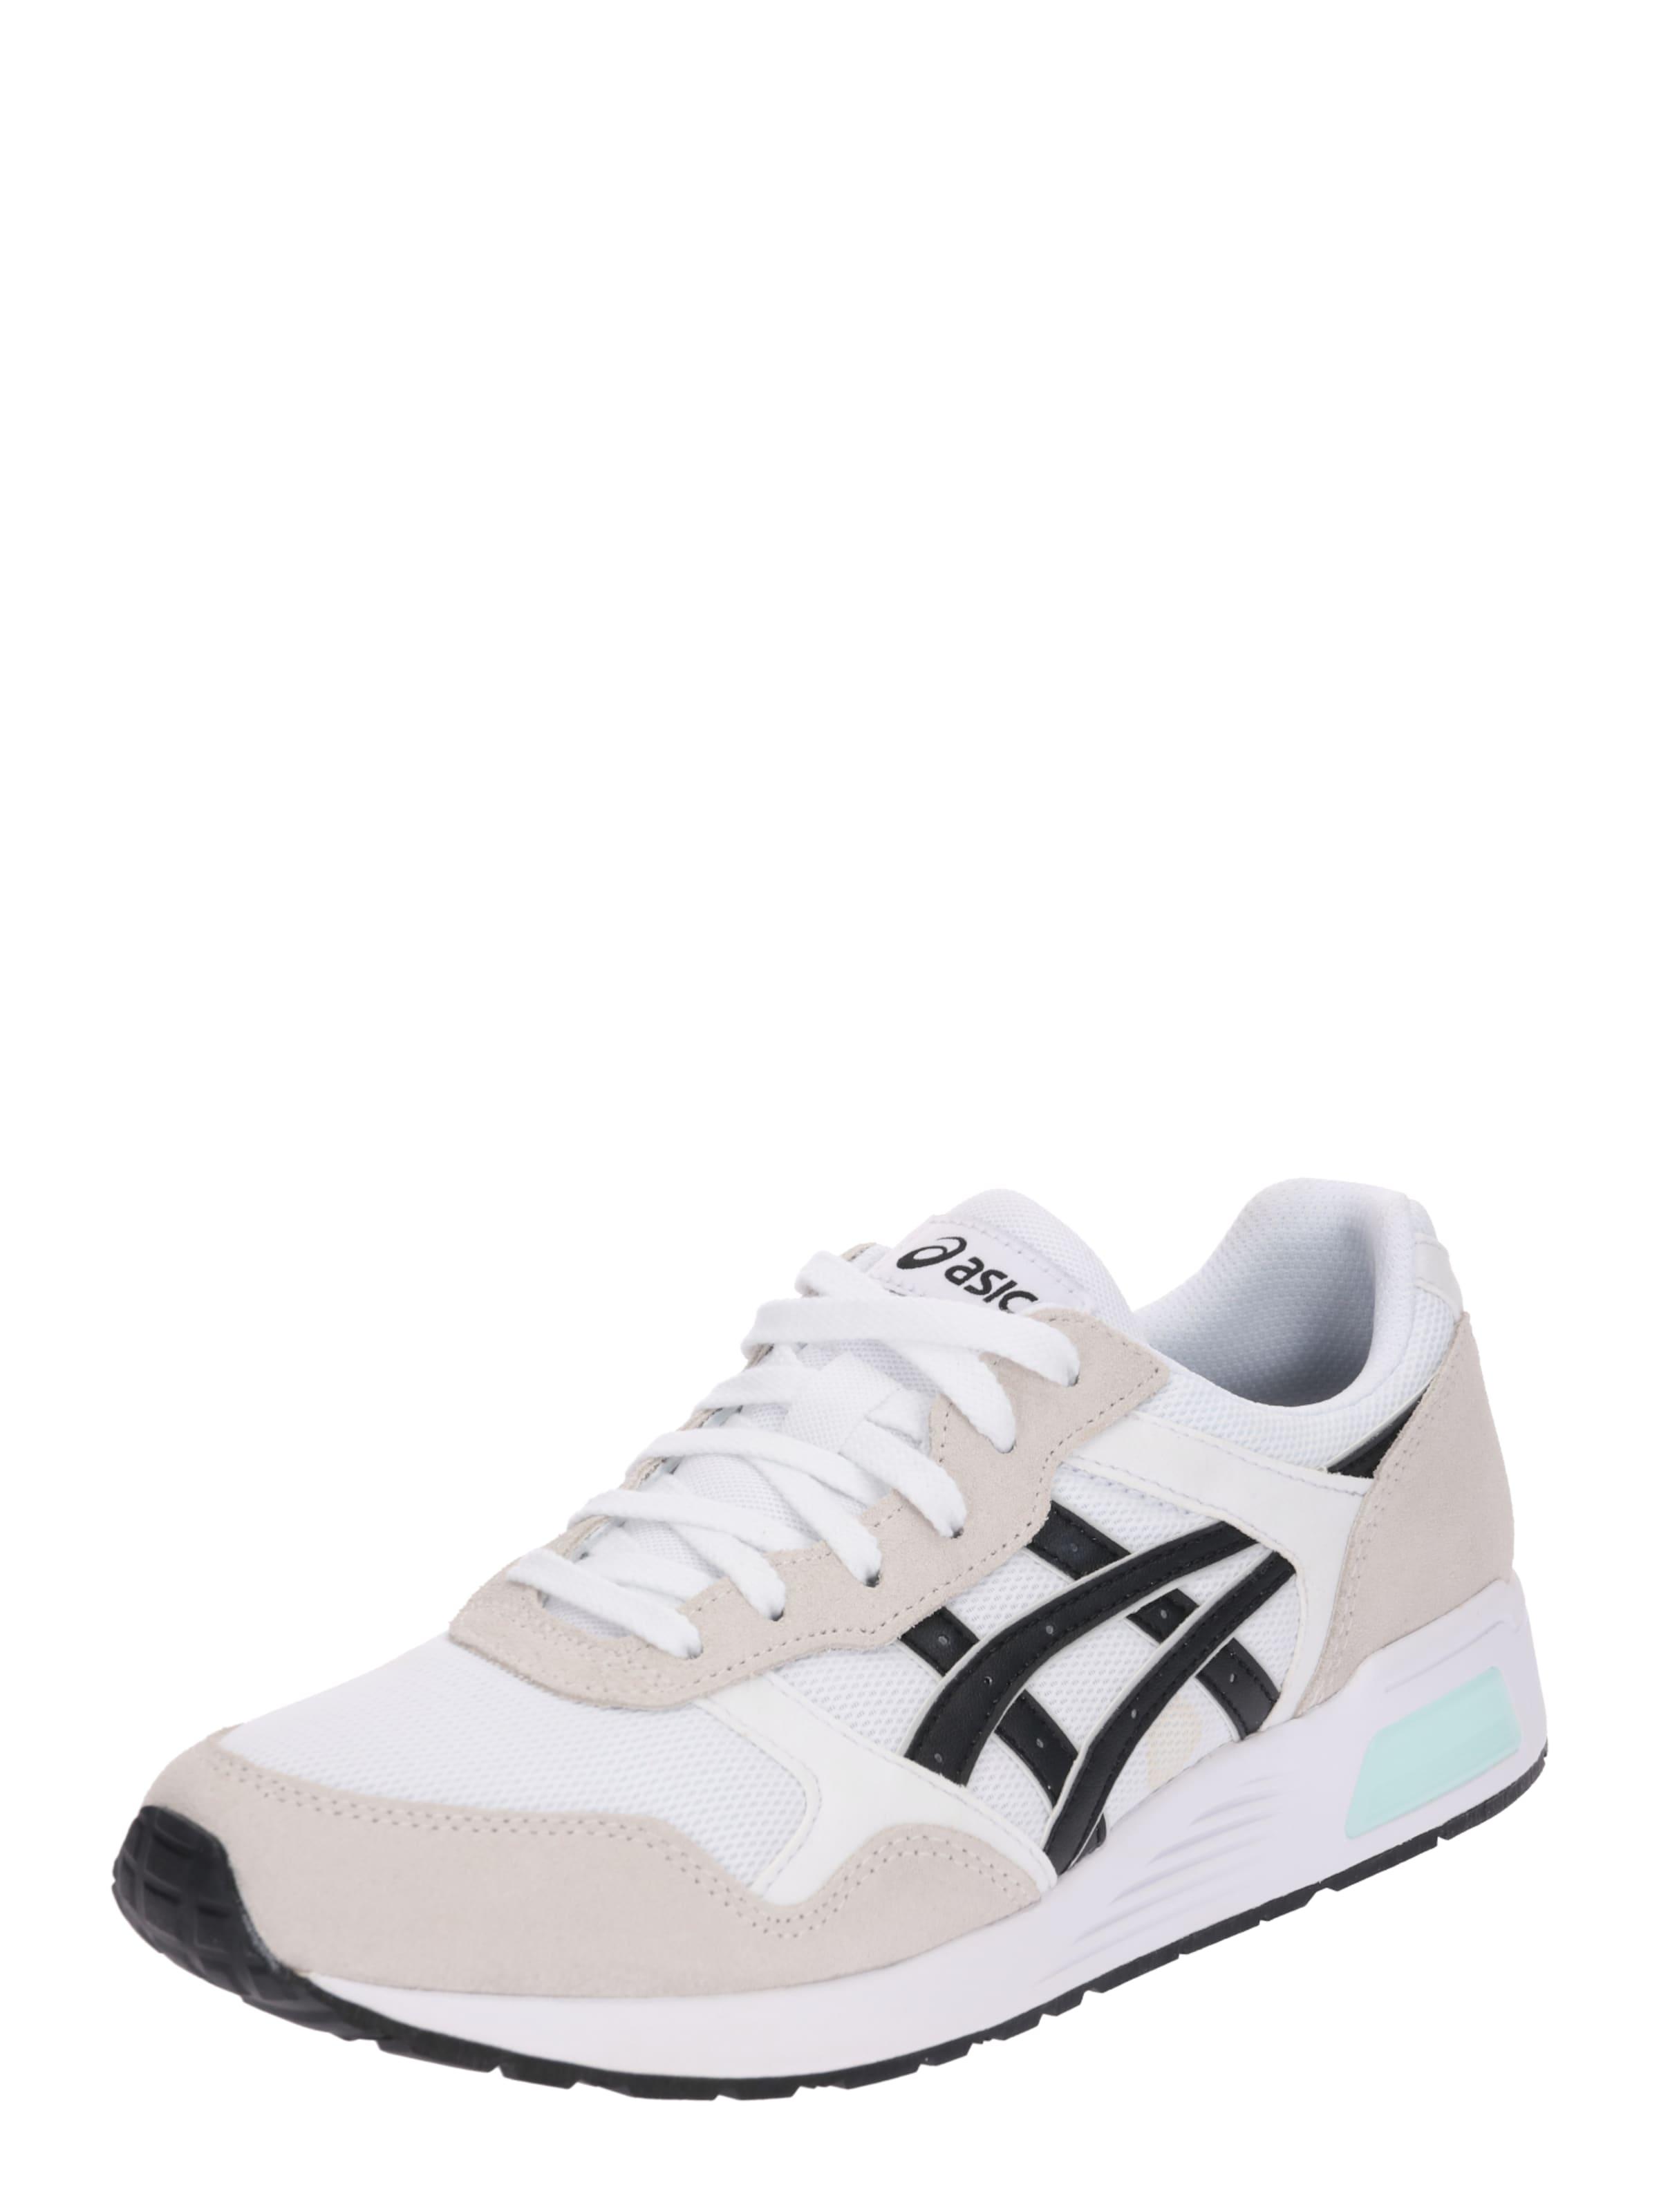 Asics Tiger Sneaker LYTE-TRAINER Verschleißfeste billige Schuhe